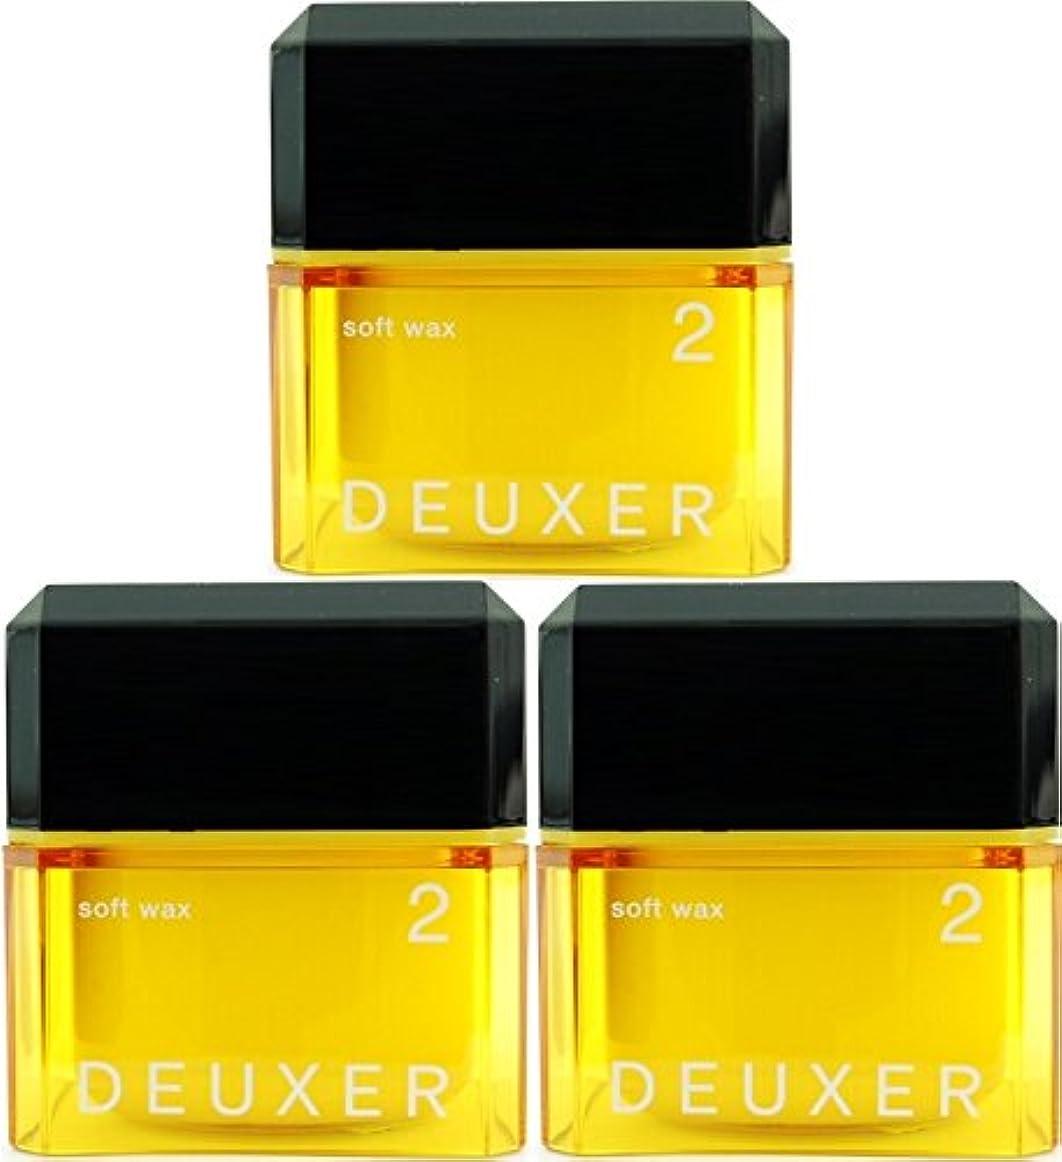 それから入場料チーズ【X3個セット】 ナンバースリー デューサー ソフトワックス2 80g (スタイリングWAX) no3 003